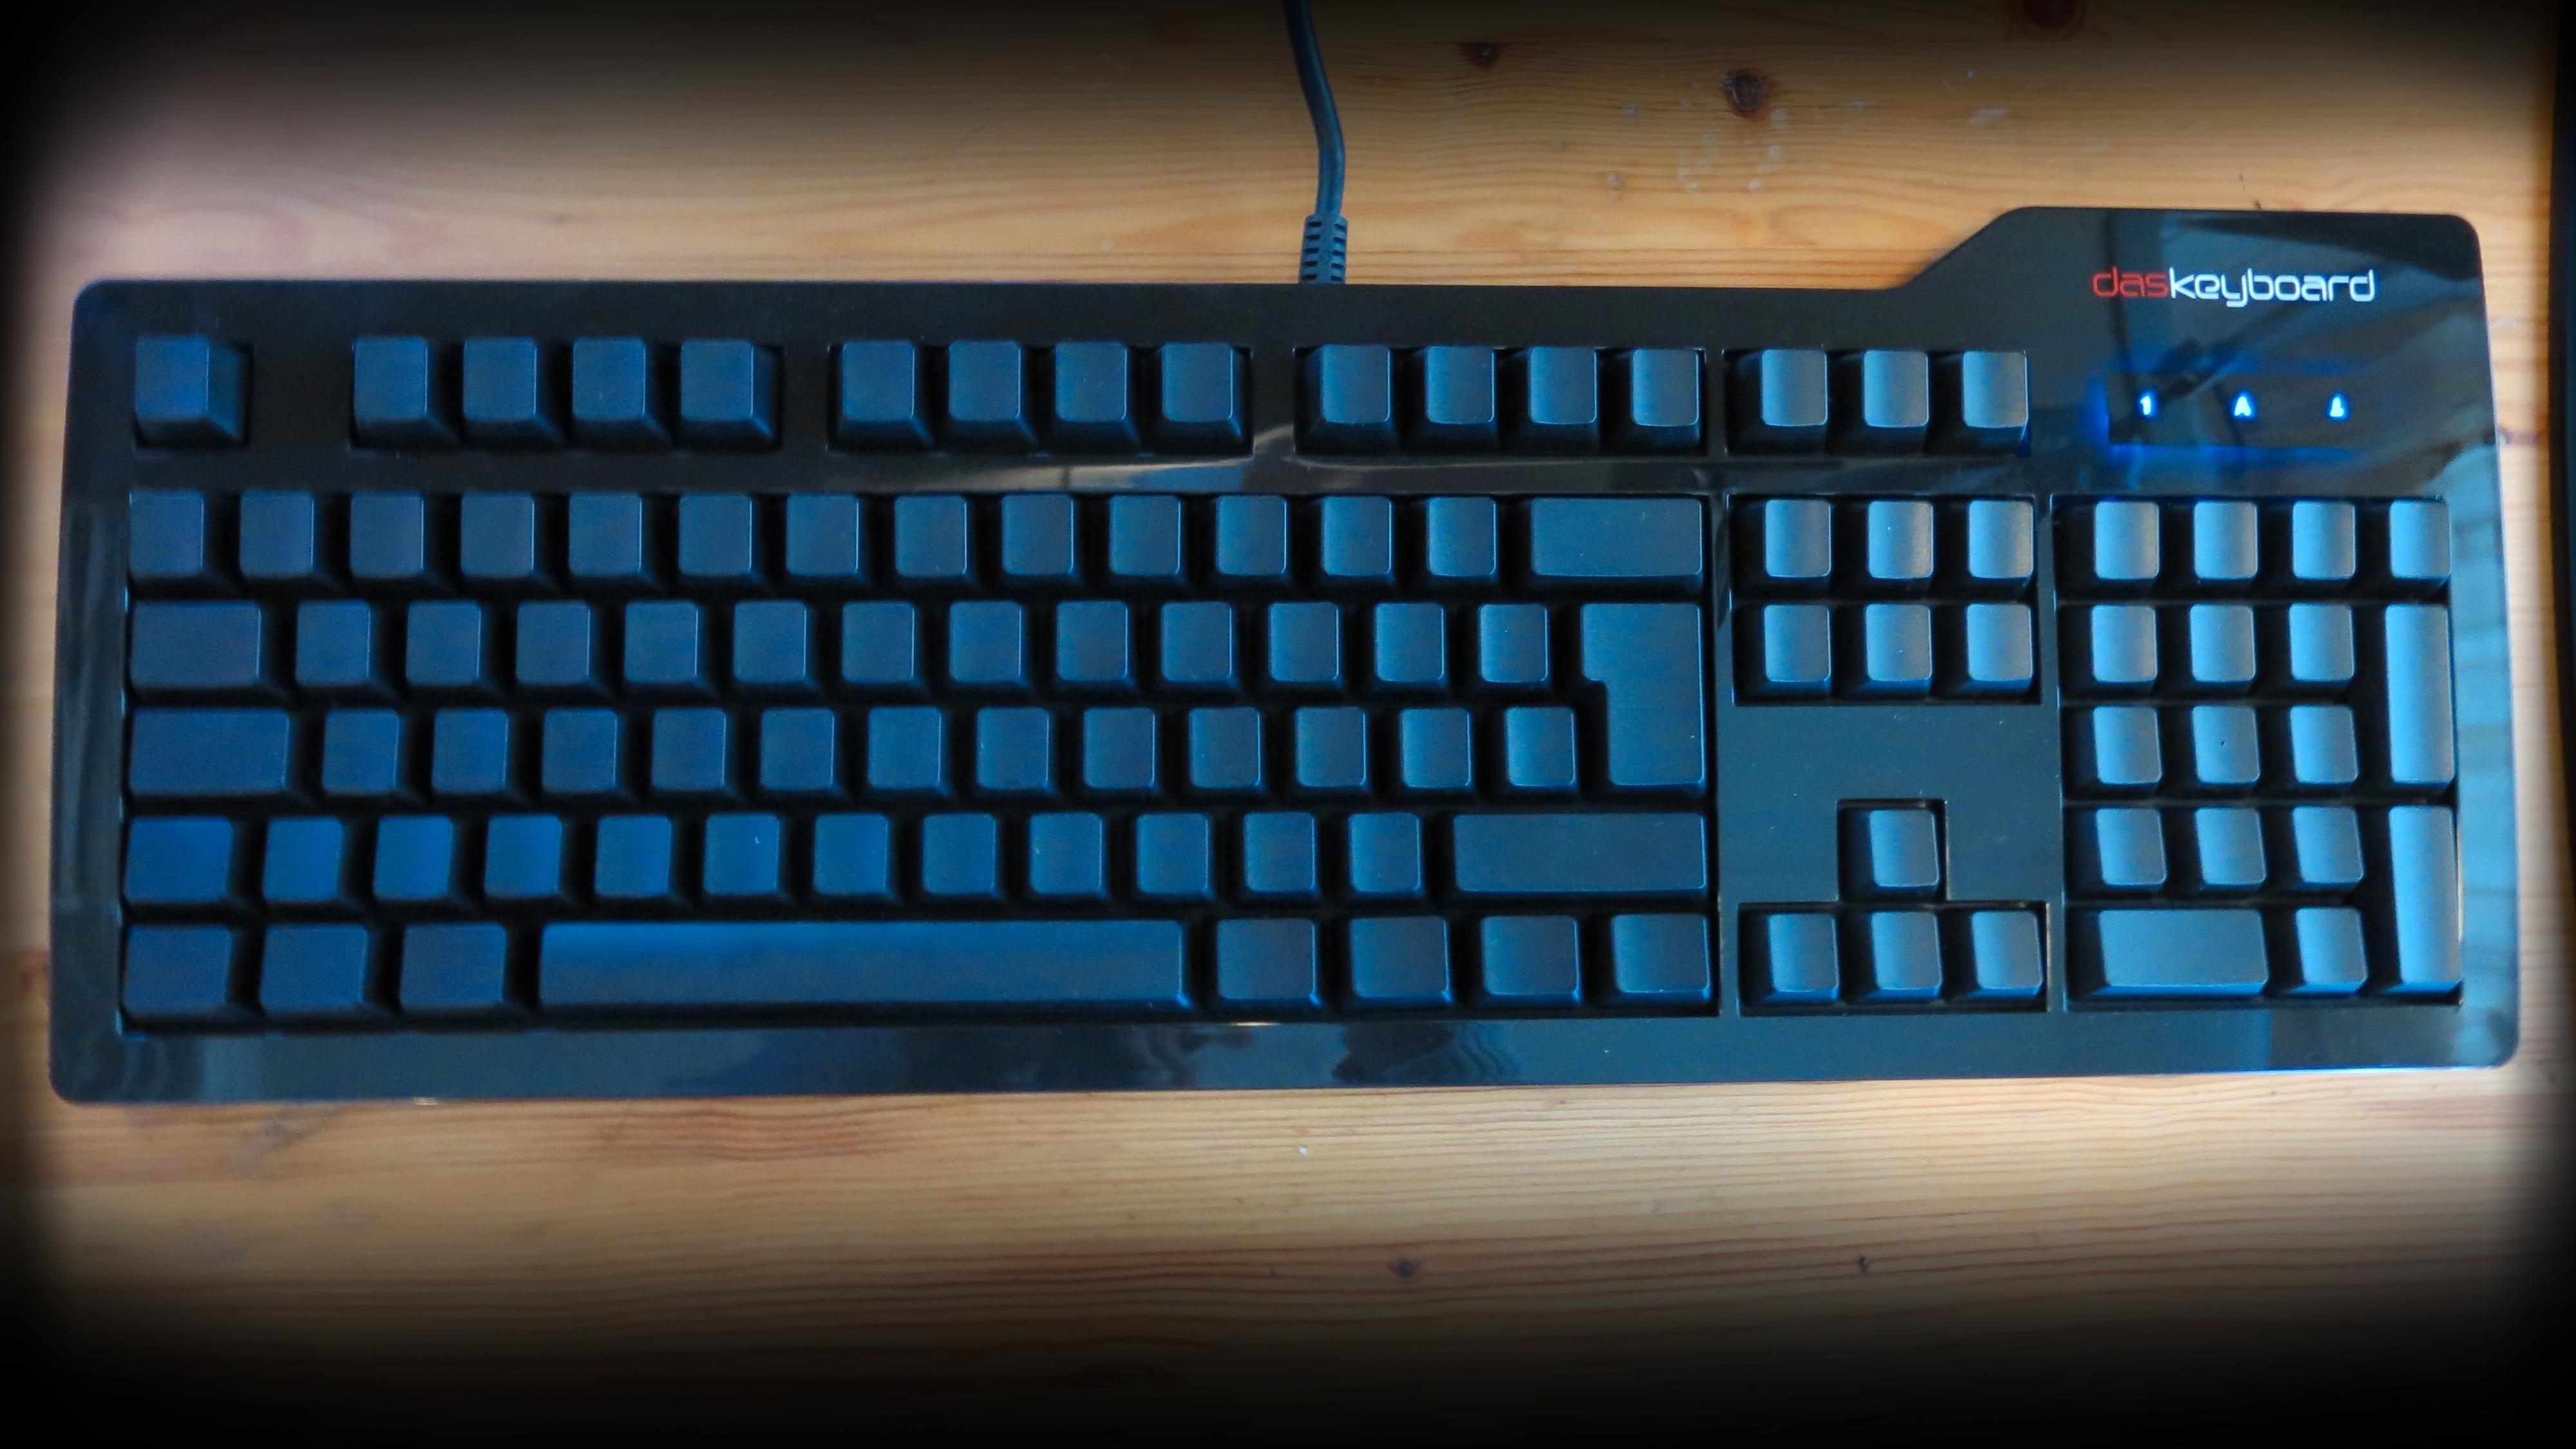 Das Keyboard Model S Ultimate